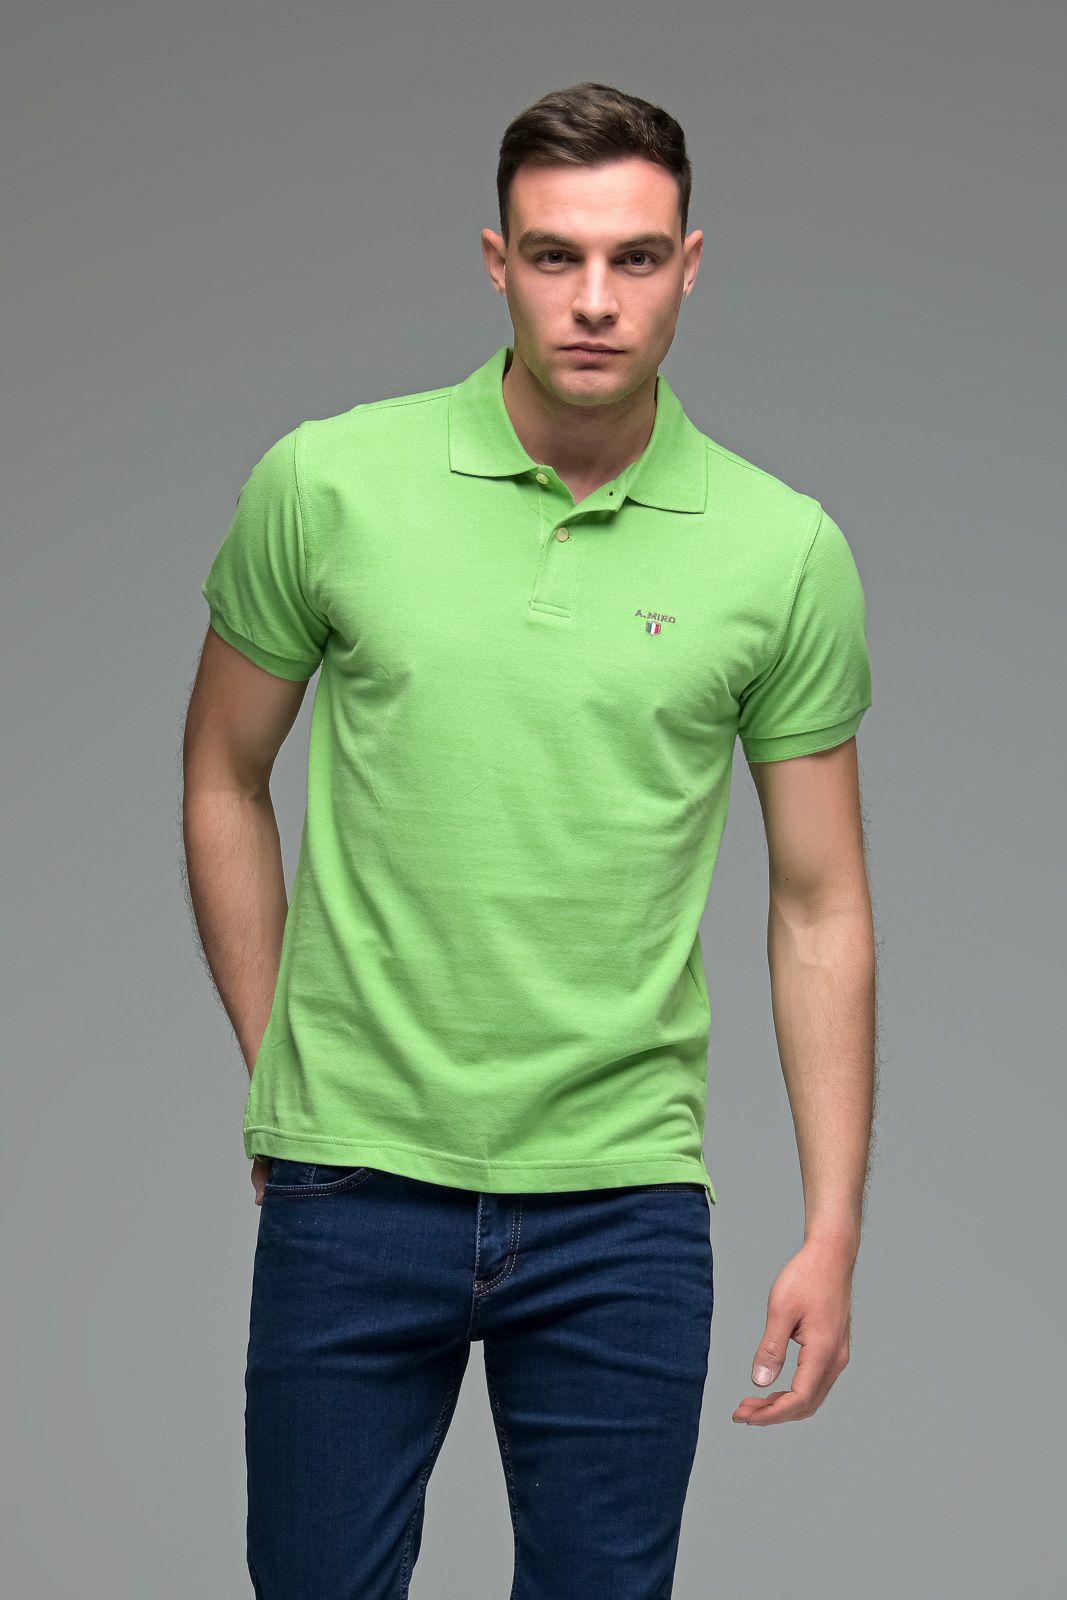 Μονόχρωμο Ανδρικό Πόλο Μπλουζάκι Πράσινο Ανοιχτό Basic Collection- Slim Fit